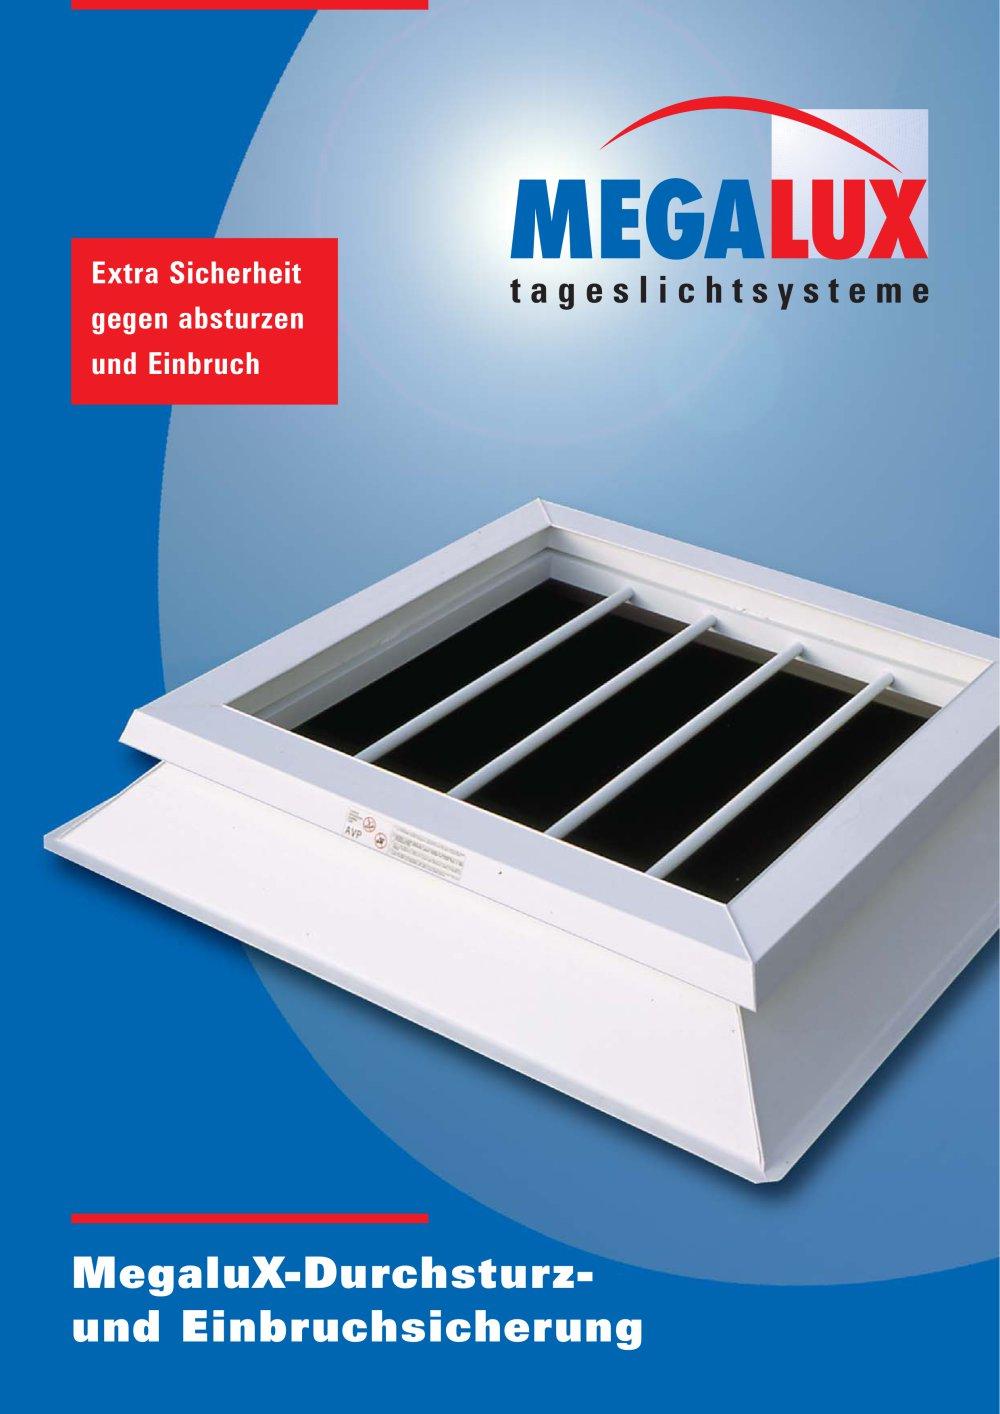 megalux-durchsturzund einbruchsicherung - van deudekom plastics bv